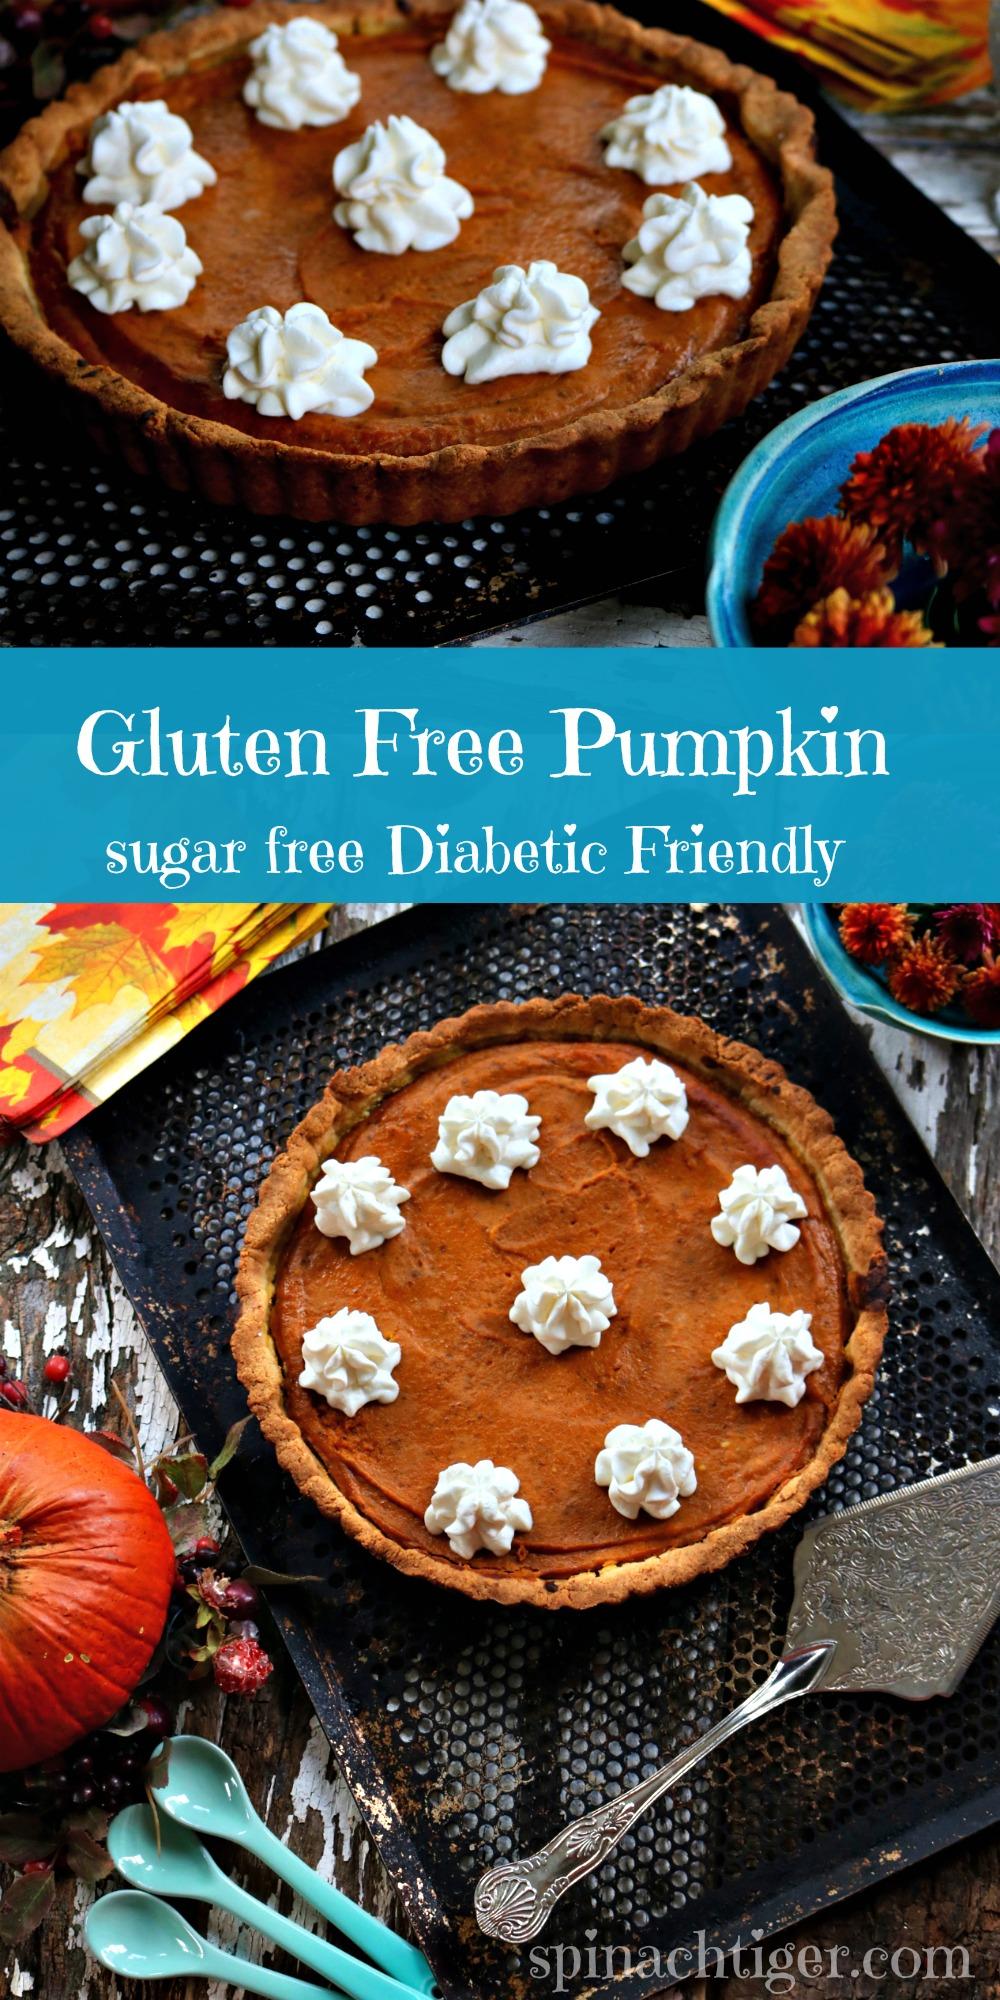 Gluten Free Pumpkin Pie Low Carb Pumpkin PIe from Spinach Tiger